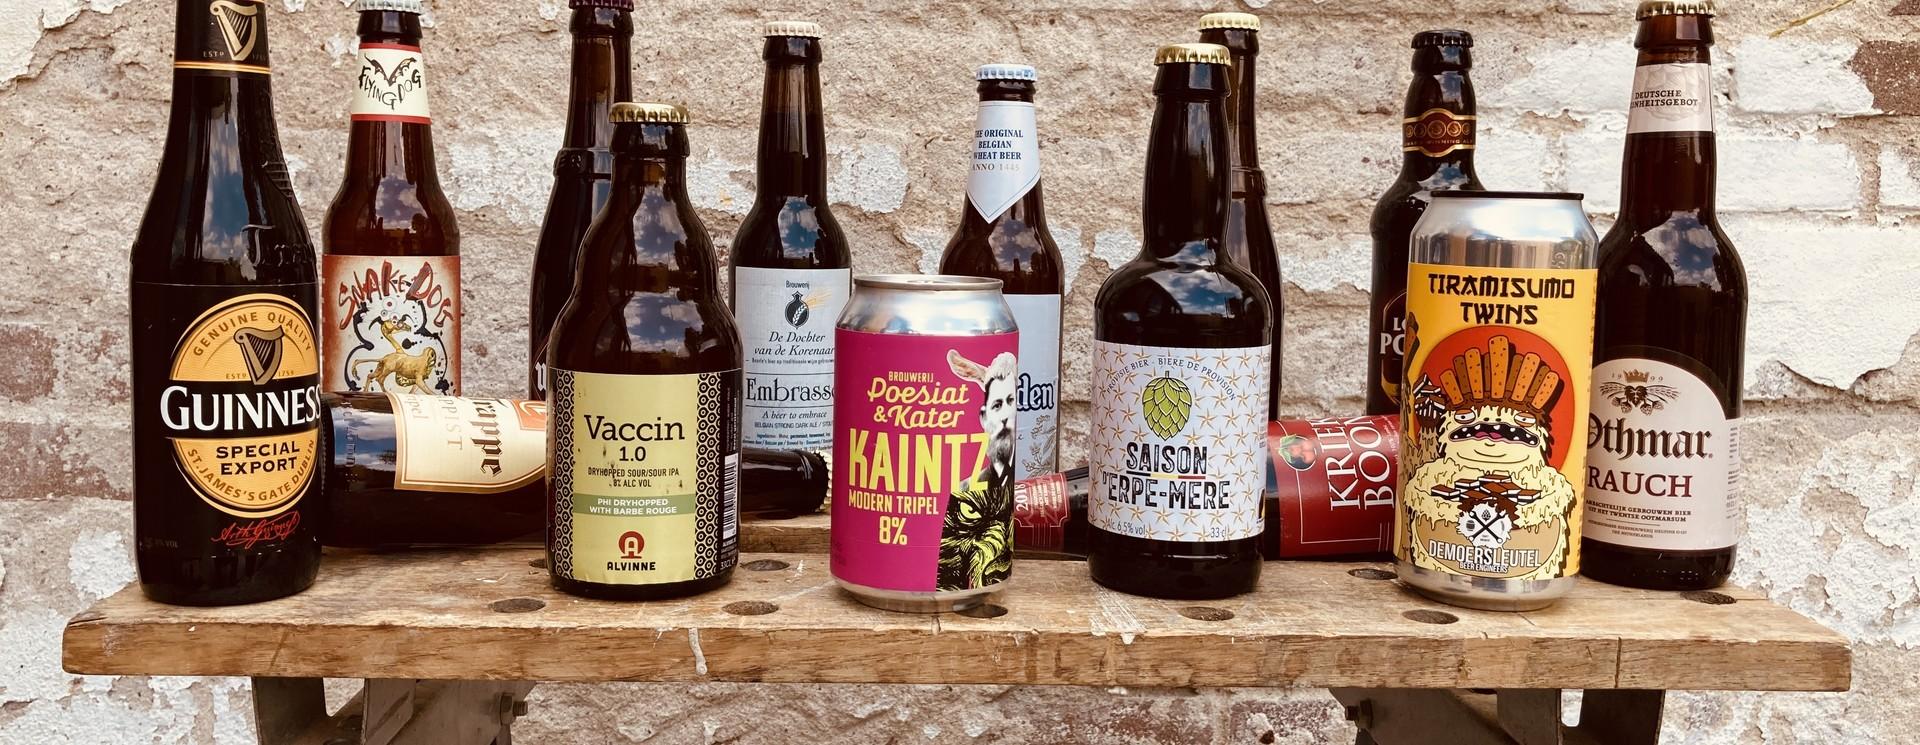 Word lid! Ontvang om de maand een bijzondere box met mooie bieren en andere producten! Gratis verzending!